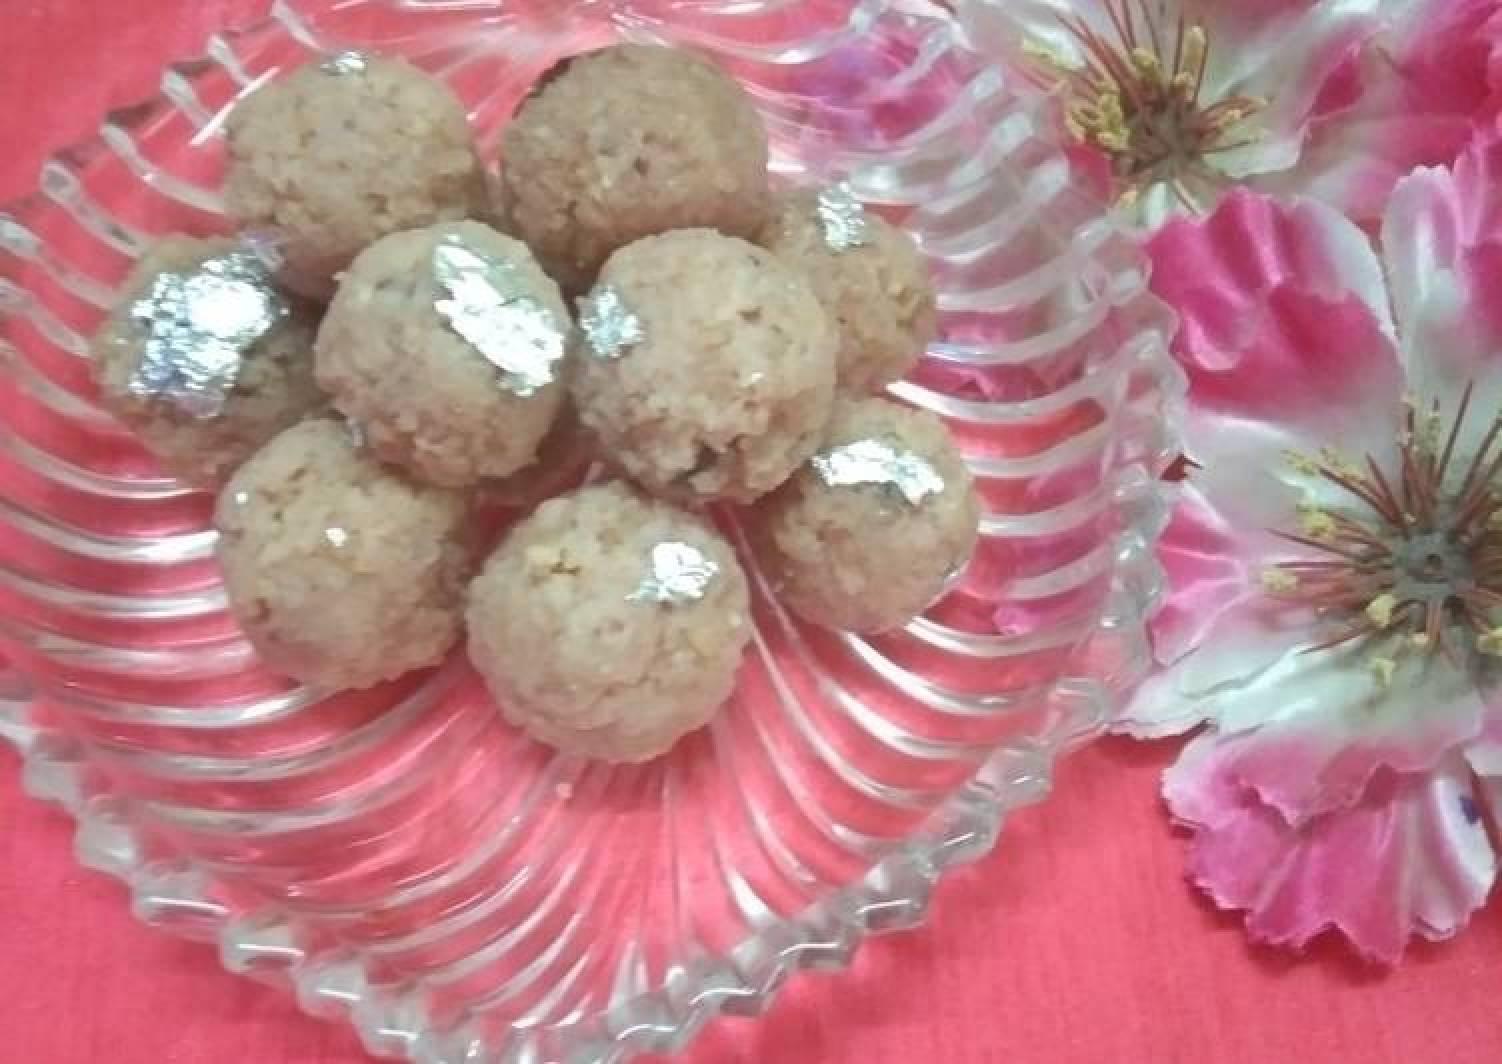 Coconut beetroot laddoo